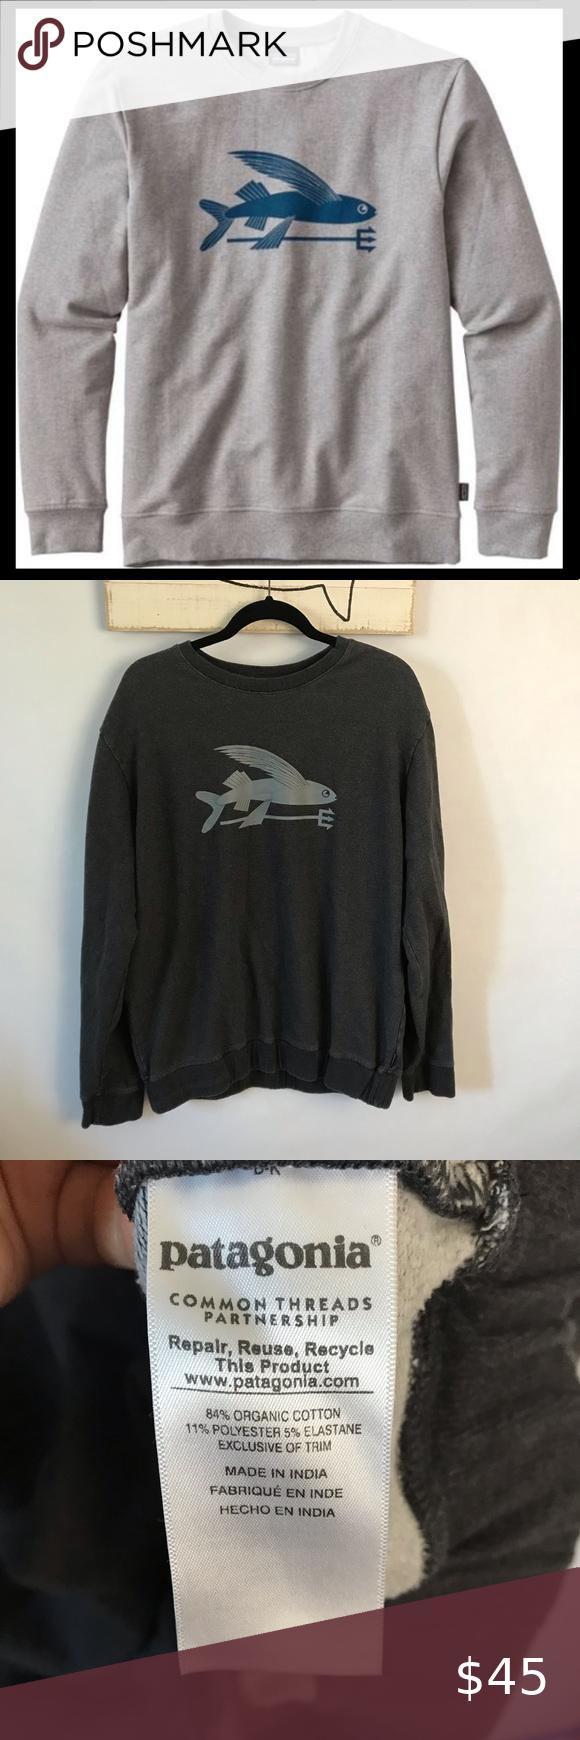 Patagonia Flying Fish Midweight Crew Sweatshirt Crew Sweatshirts Sweatshirts Patagonia Sweater [ 1740 x 580 Pixel ]